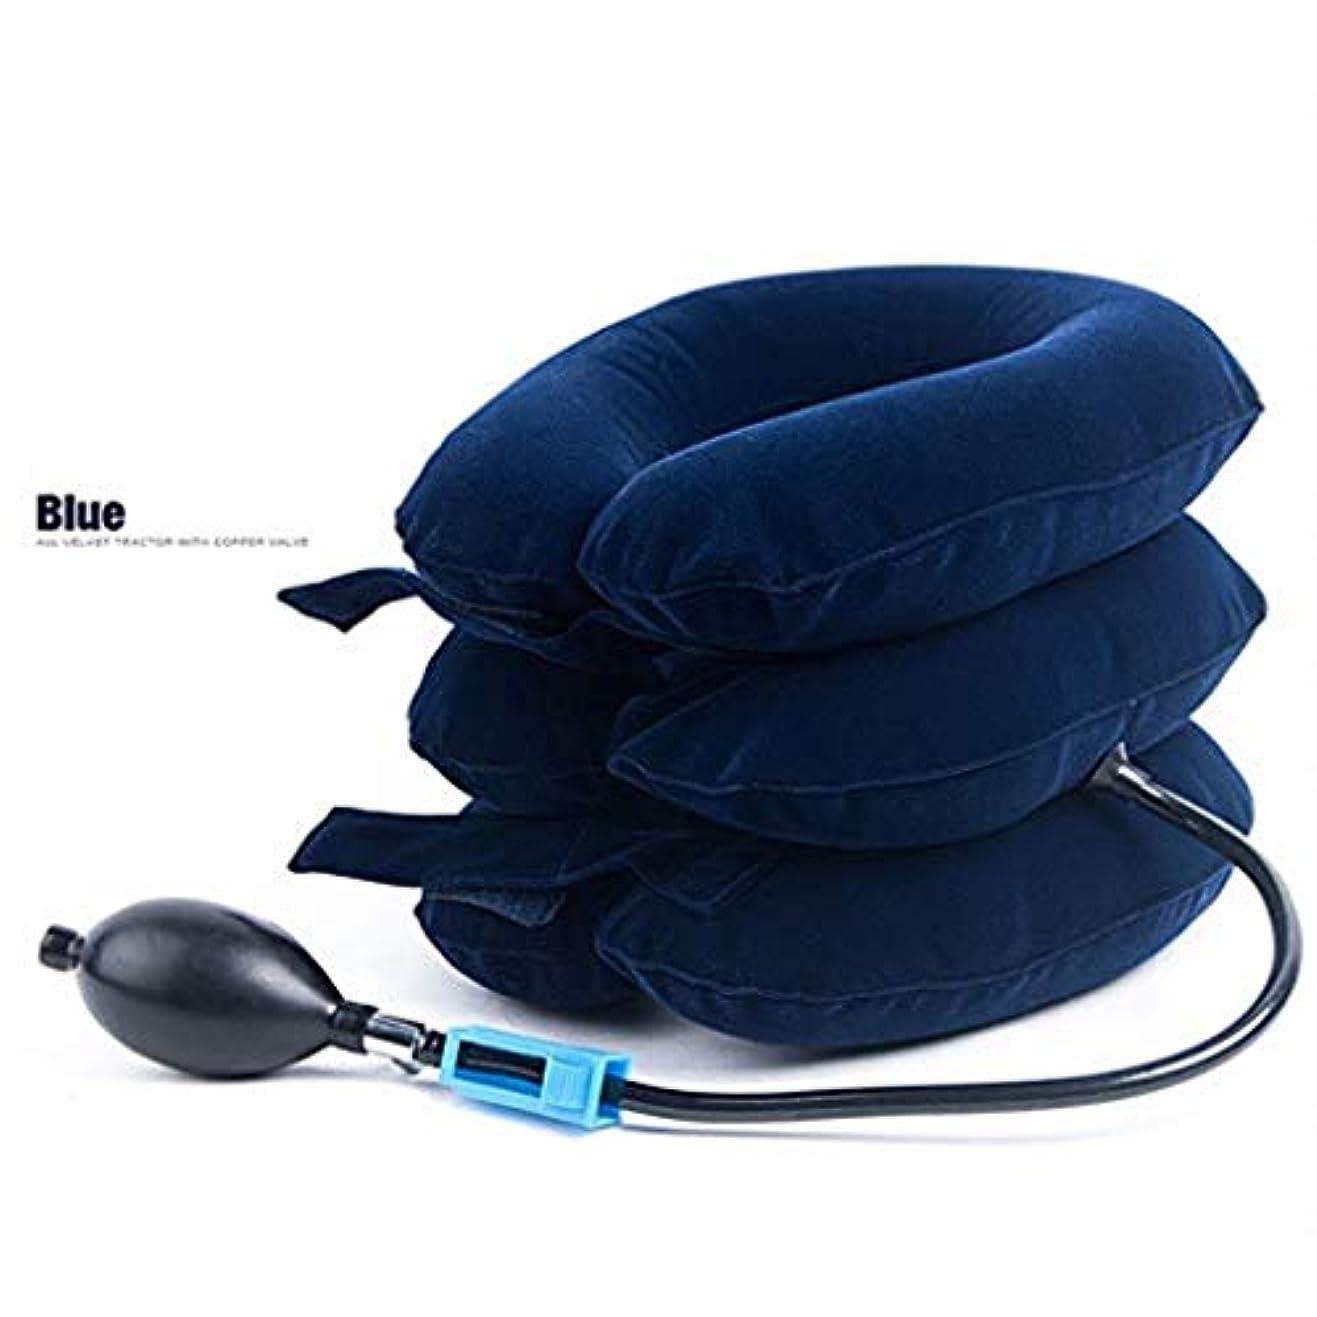 反対するまだら柔らかさ首のマッサージャー、膨脹可能なマッサージの首の枕、頚部頚部牽引装置、背部/肩の首のマッサージャー、ヘルスケア (Color : Biue)